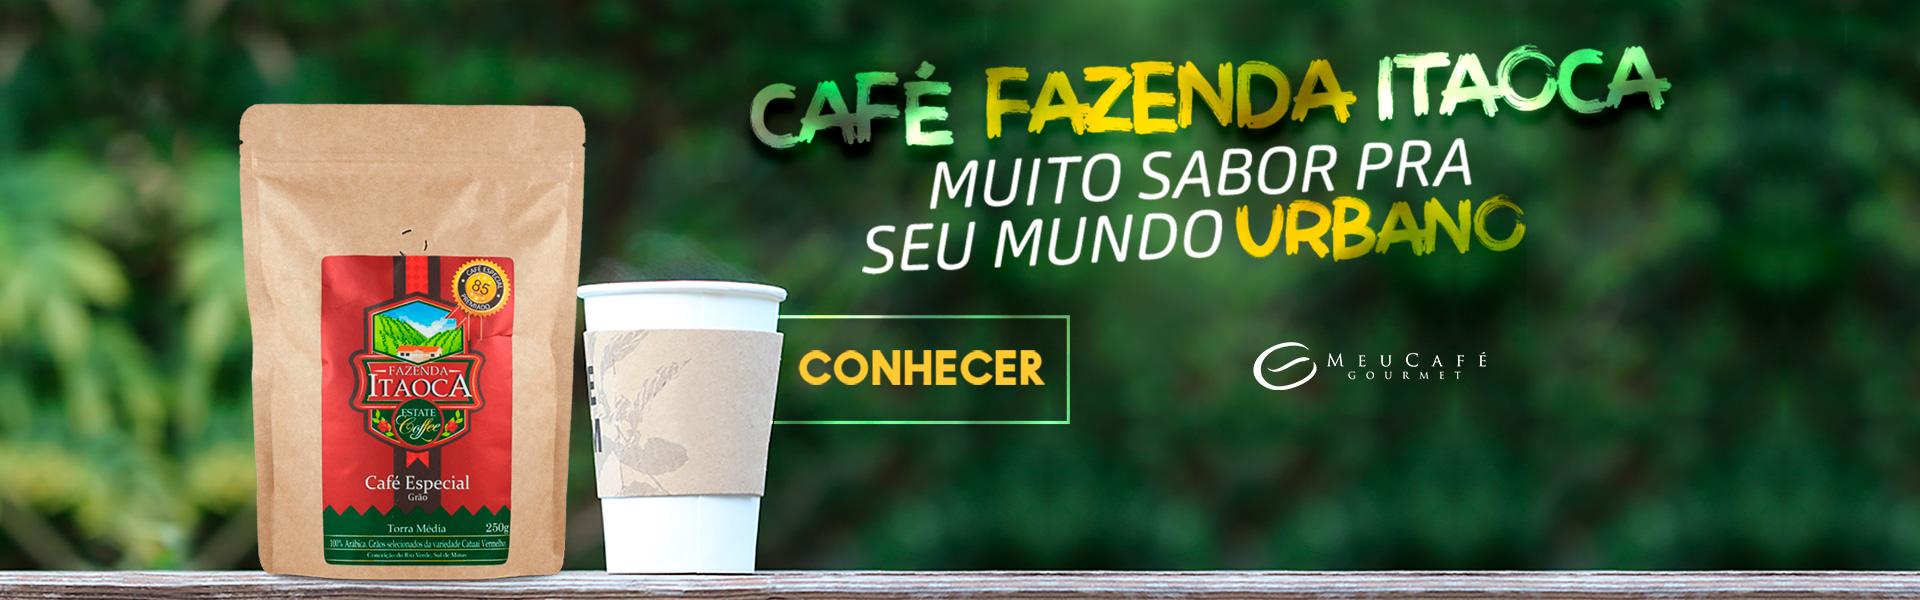 CAFÉ FAZENDA ITAOCA